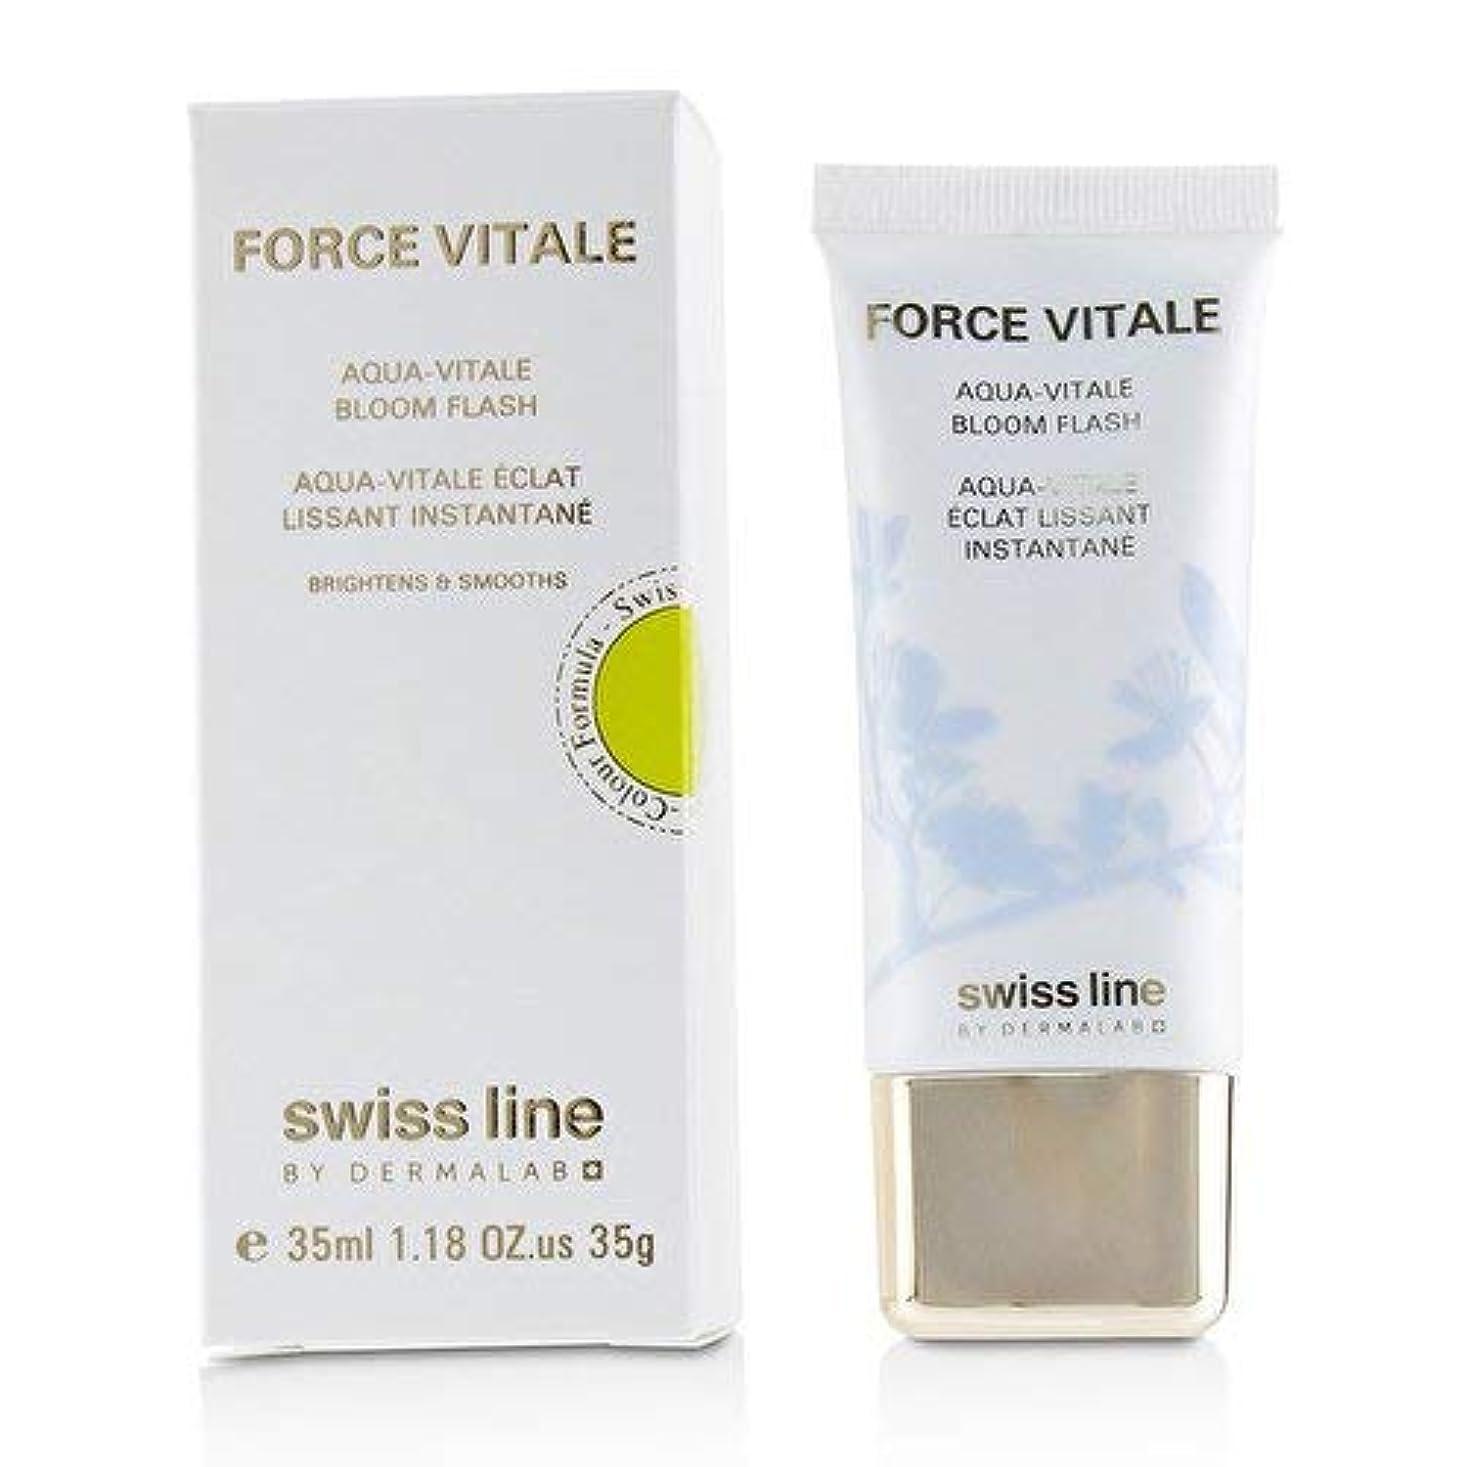 パン運動する火山スイスライン Force Vitale Aqua-Vitale Bloom Flash 35ml並行輸入品